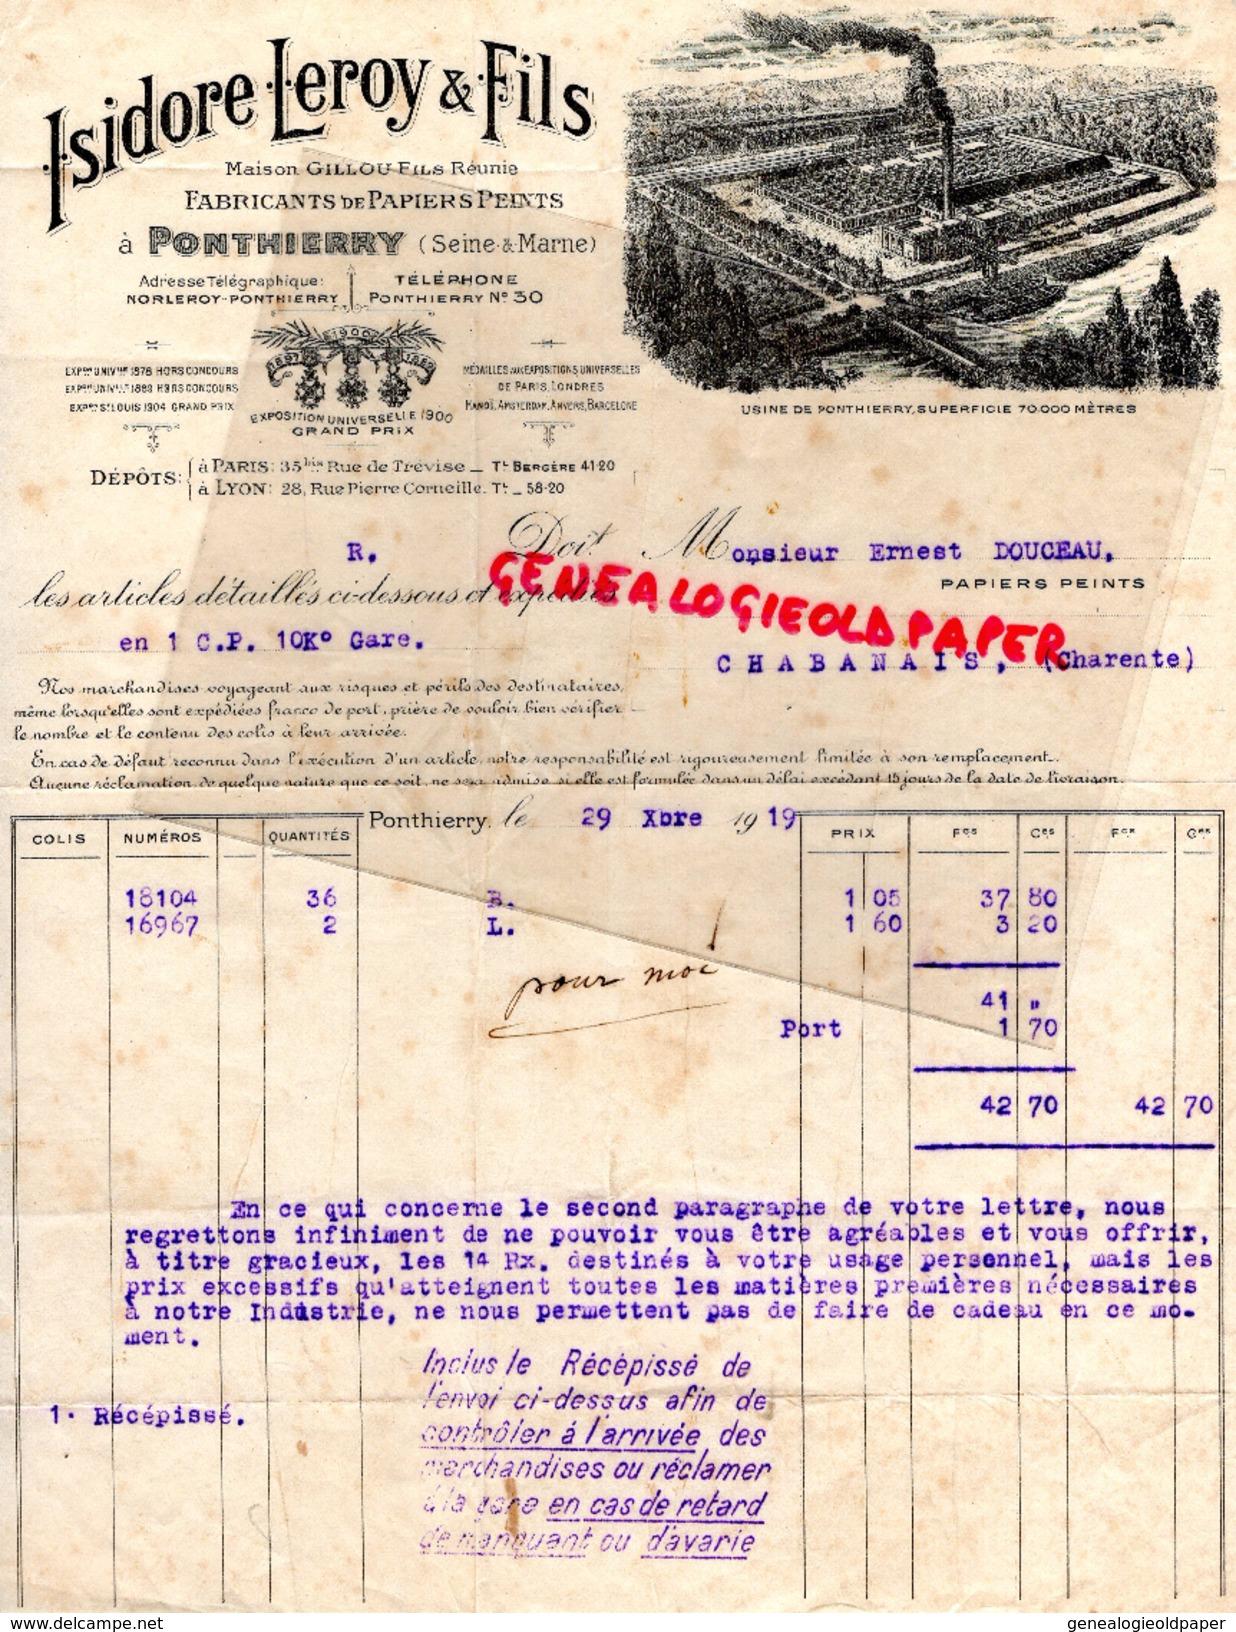 77 - PONTHIERRY- FACTURE ISIDORE LEROY ET FILS- GILLOU- PAPETERIE IMPRIMERIE PAPIERS PEINTS- A ERNEST DOUCEAU CHABANAIS- - Papeterie